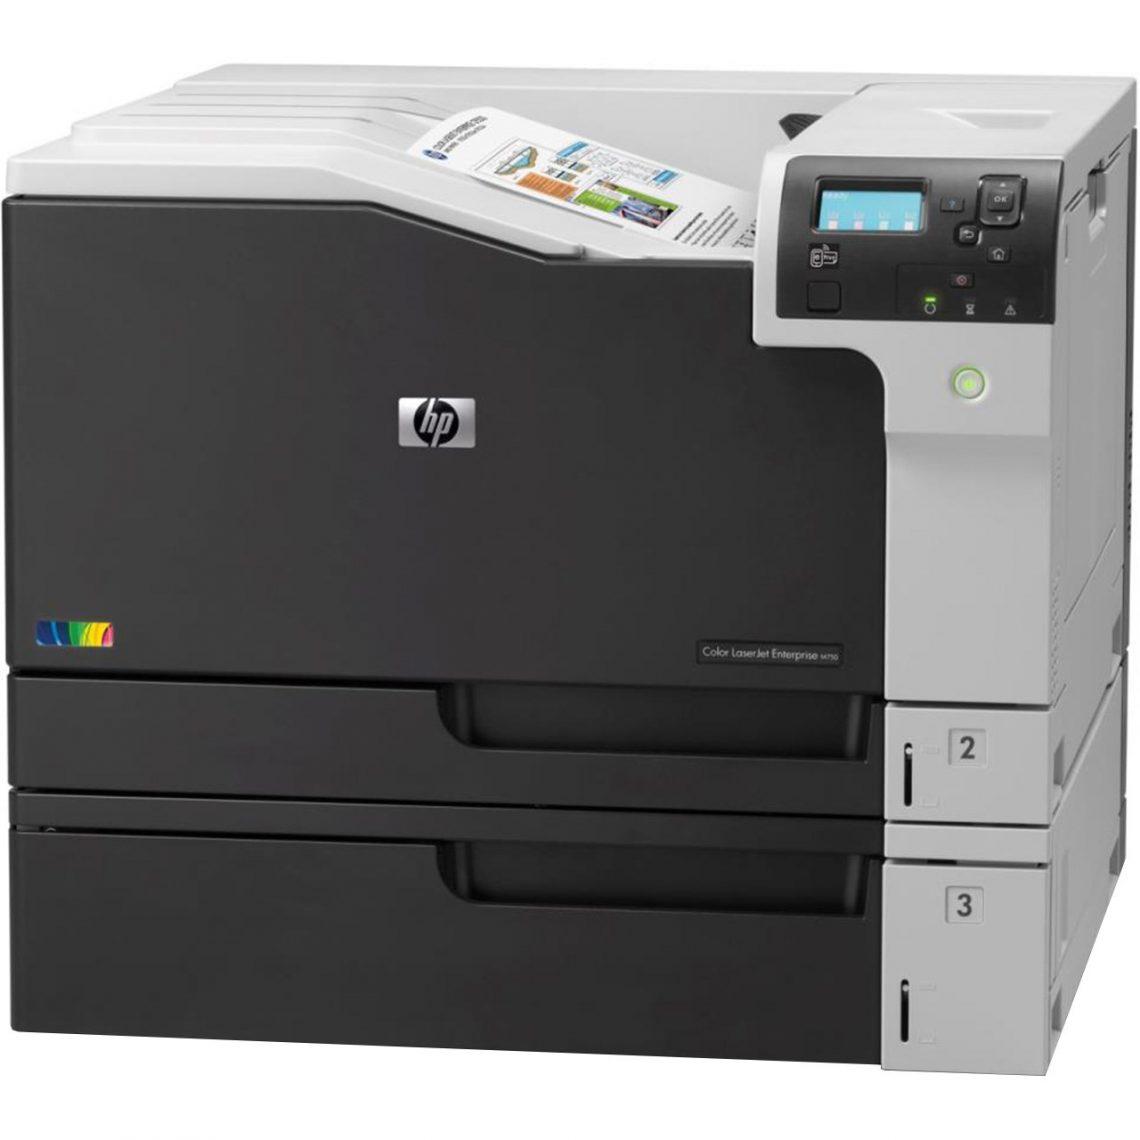 قیمت پرینترتک کاره لیزری رنگی HP M750 dn